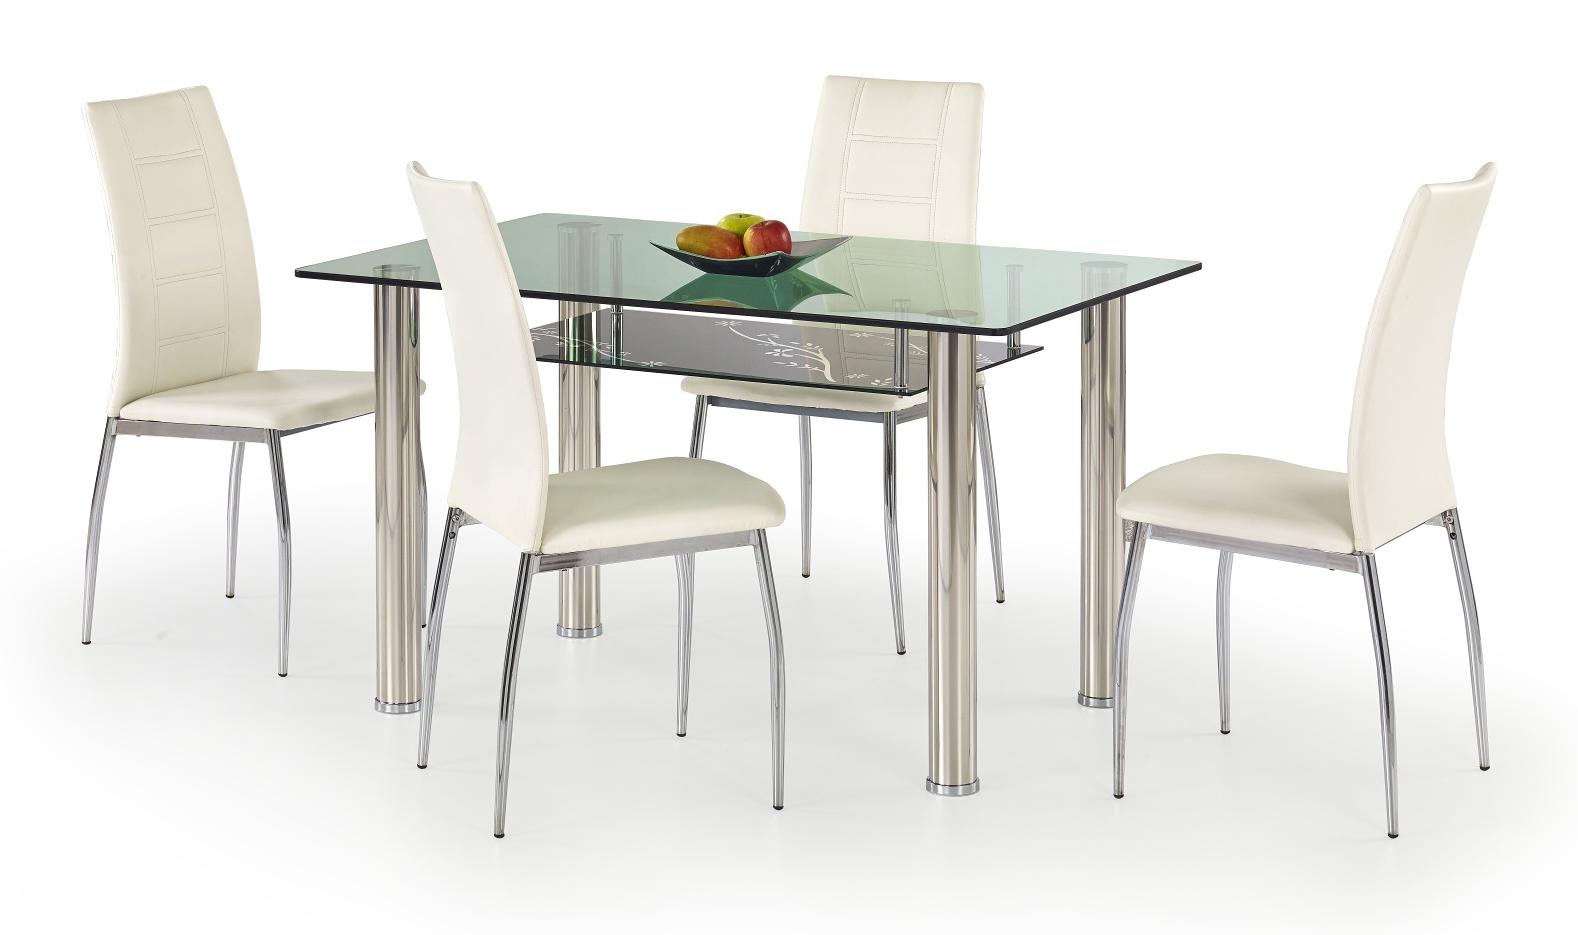 Jedálenský stôl - Halmar - Lenart (pre 4 osoby). Akcia -7%. Sme autorizovaný predajca Halmar. Vlastná spoľahlivá doprava až k Vám domov.